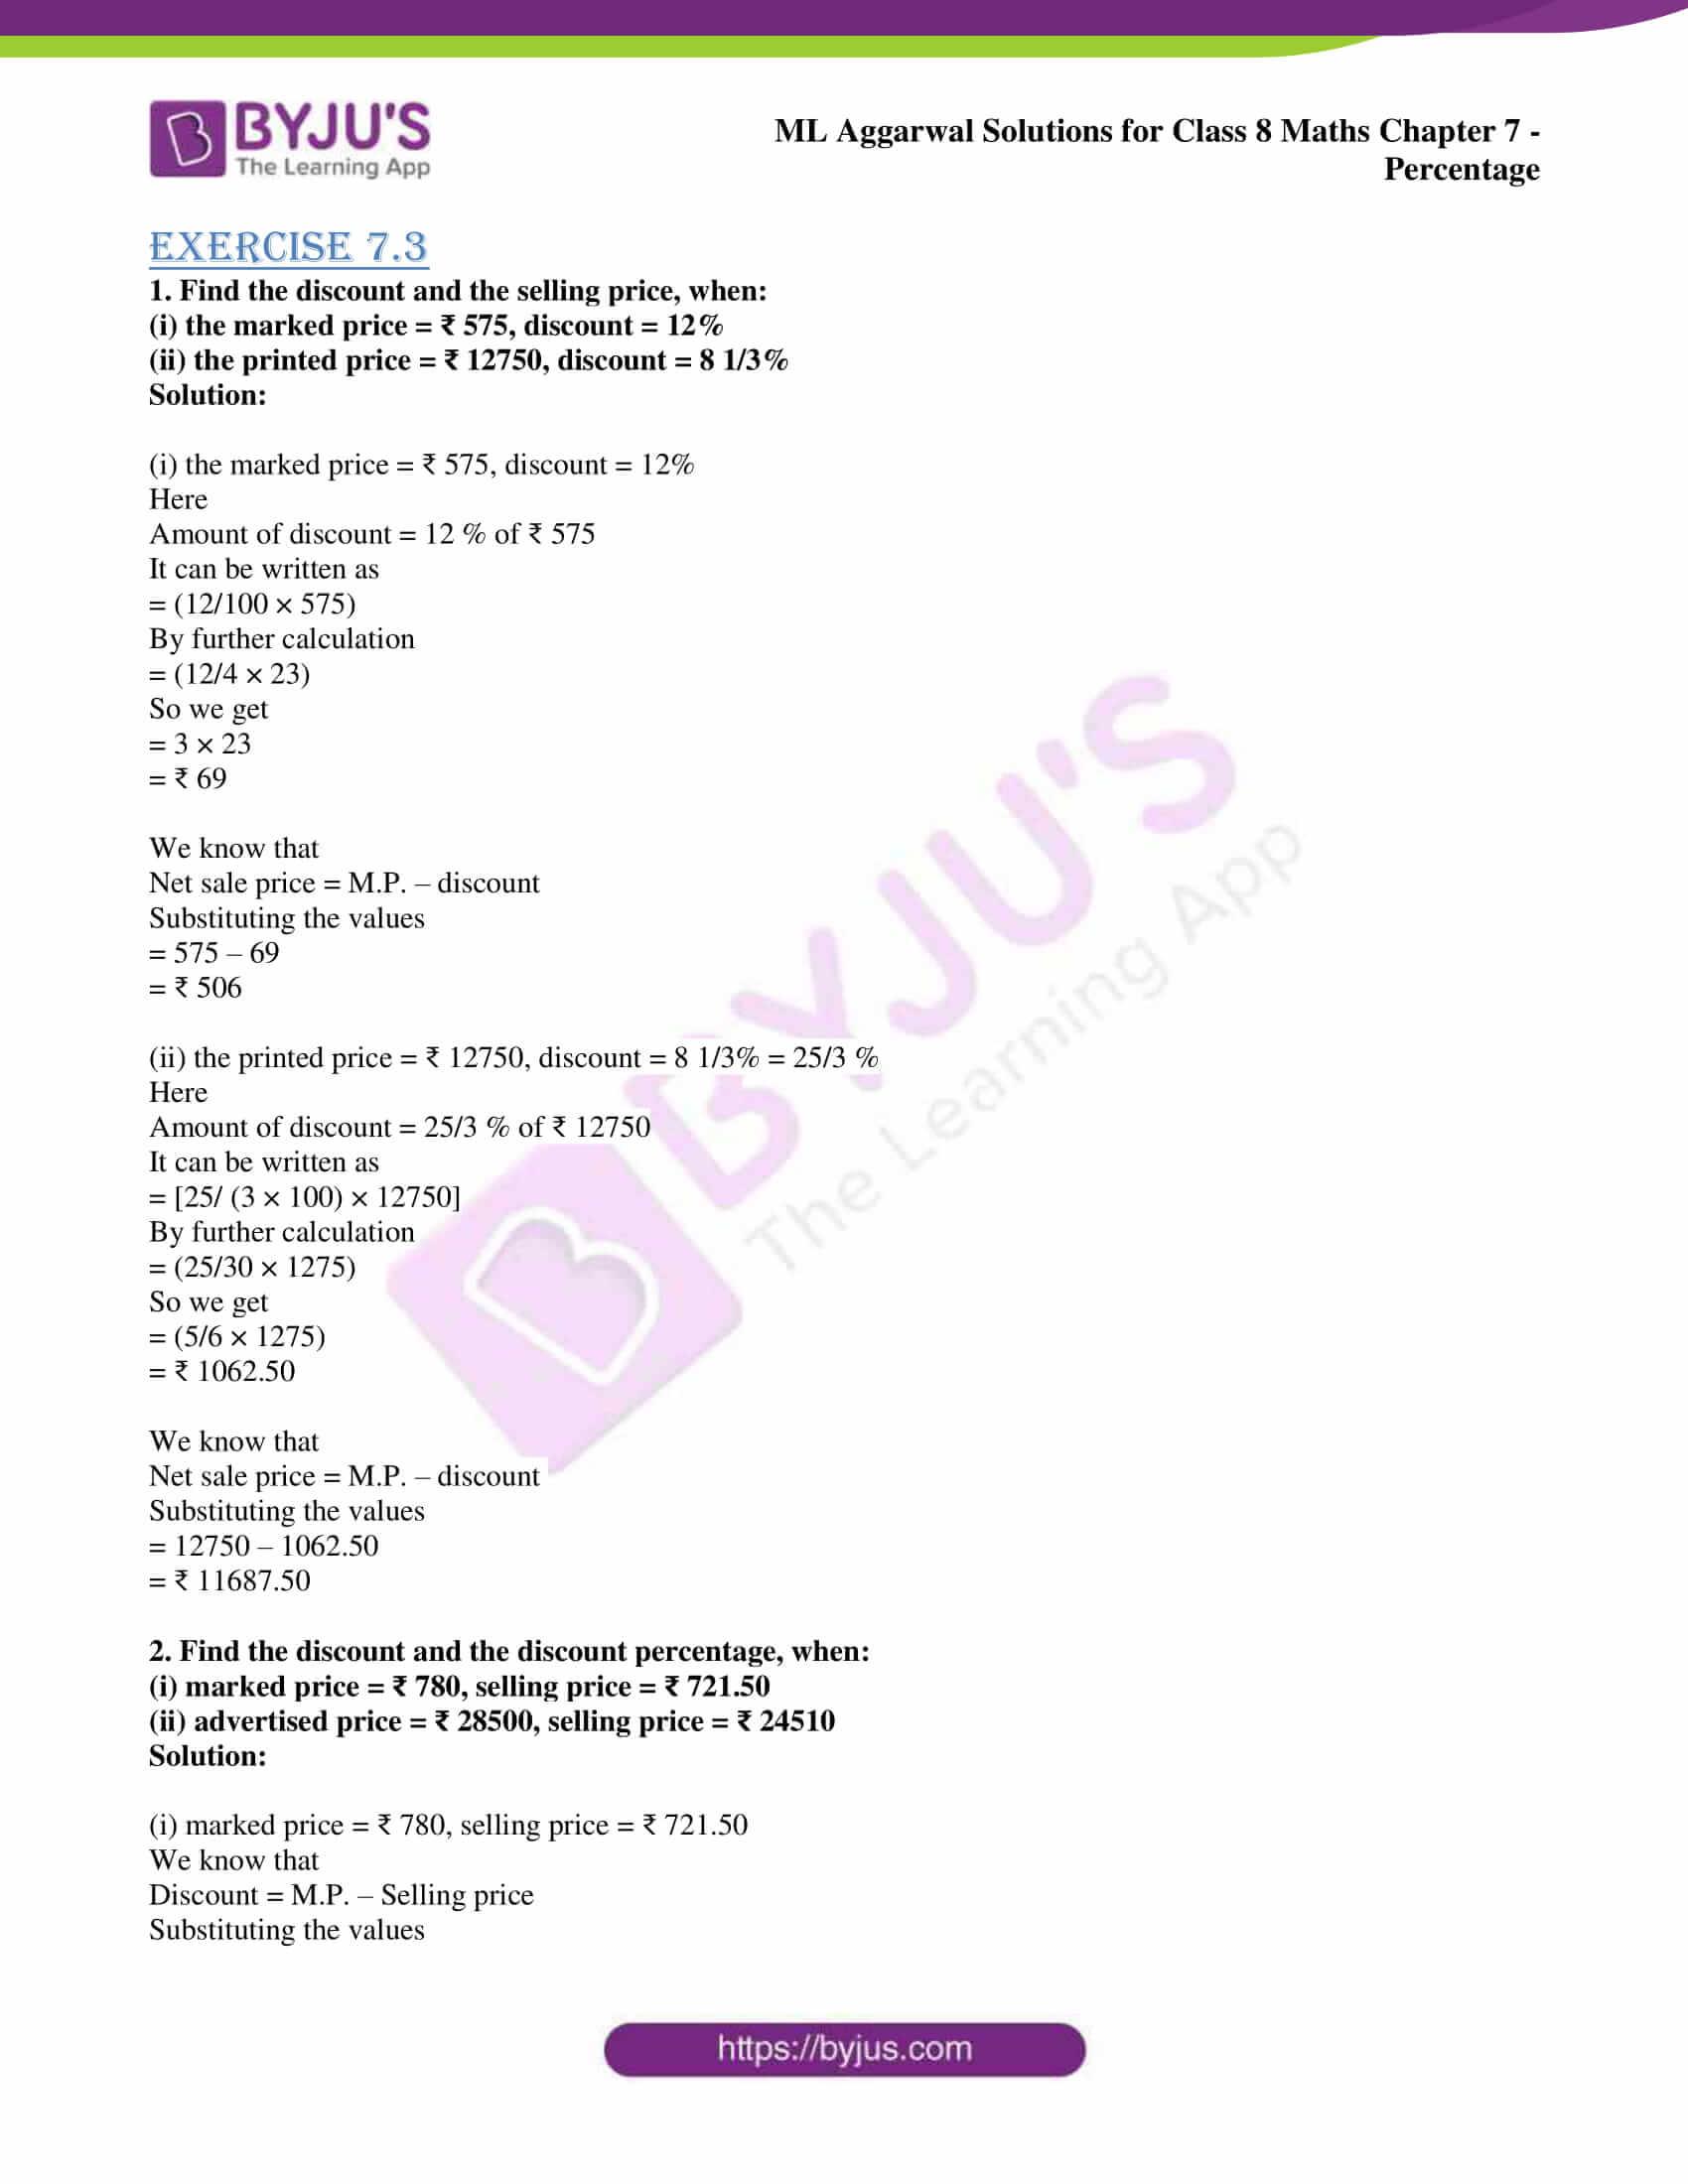 ml aggarwal sol mathematics class 8 ch 7 23